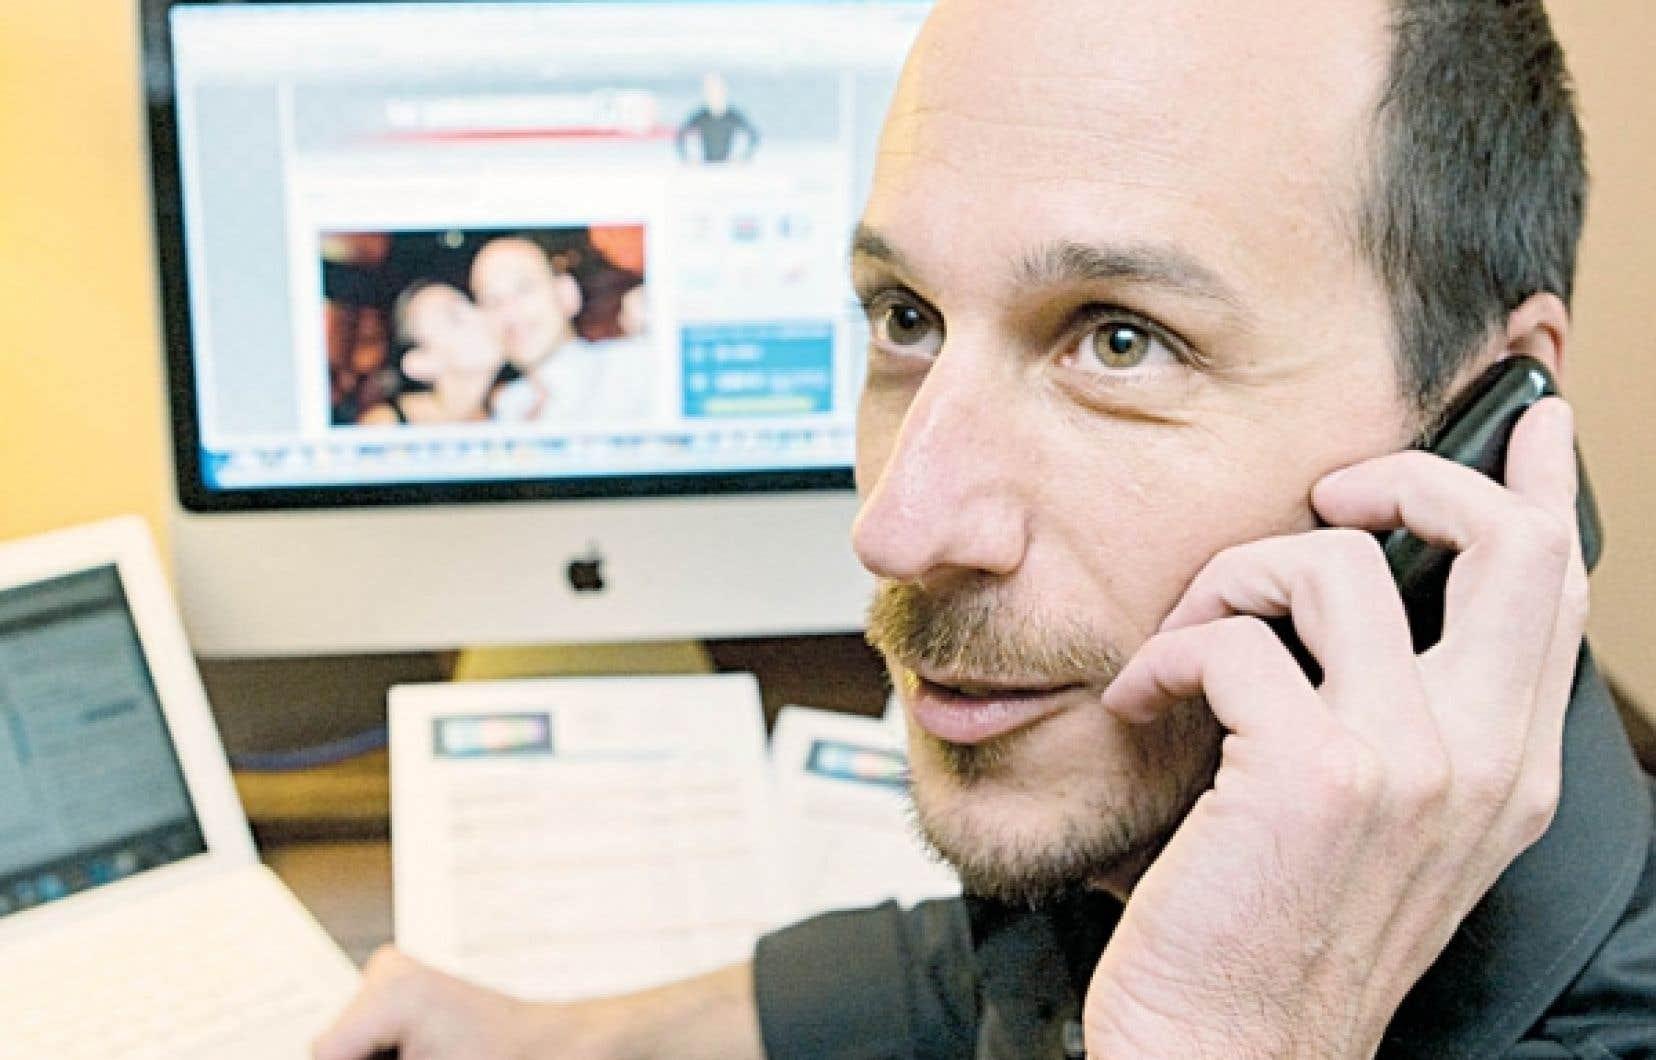 Le journaliste Dominic Arpin se met lui-même en marché grâce aux nouvelles technologies.